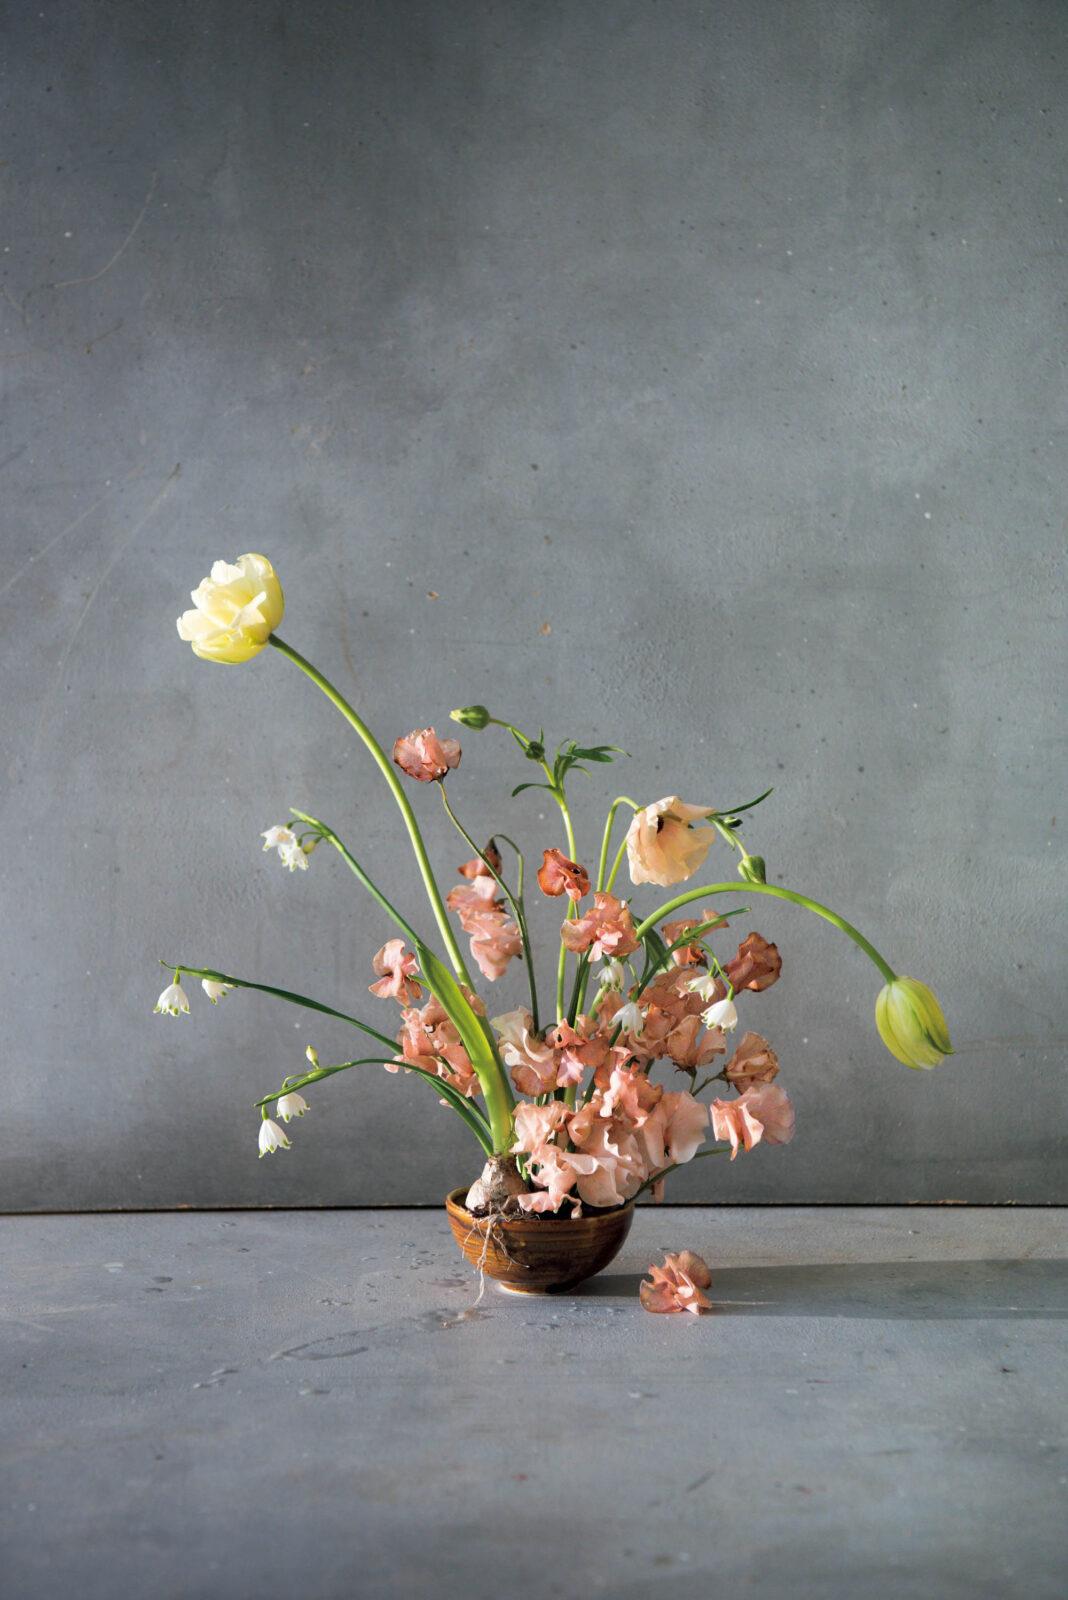 球根の根のはみ出しやスイートピーの落花も作品のうち。40ポンド。